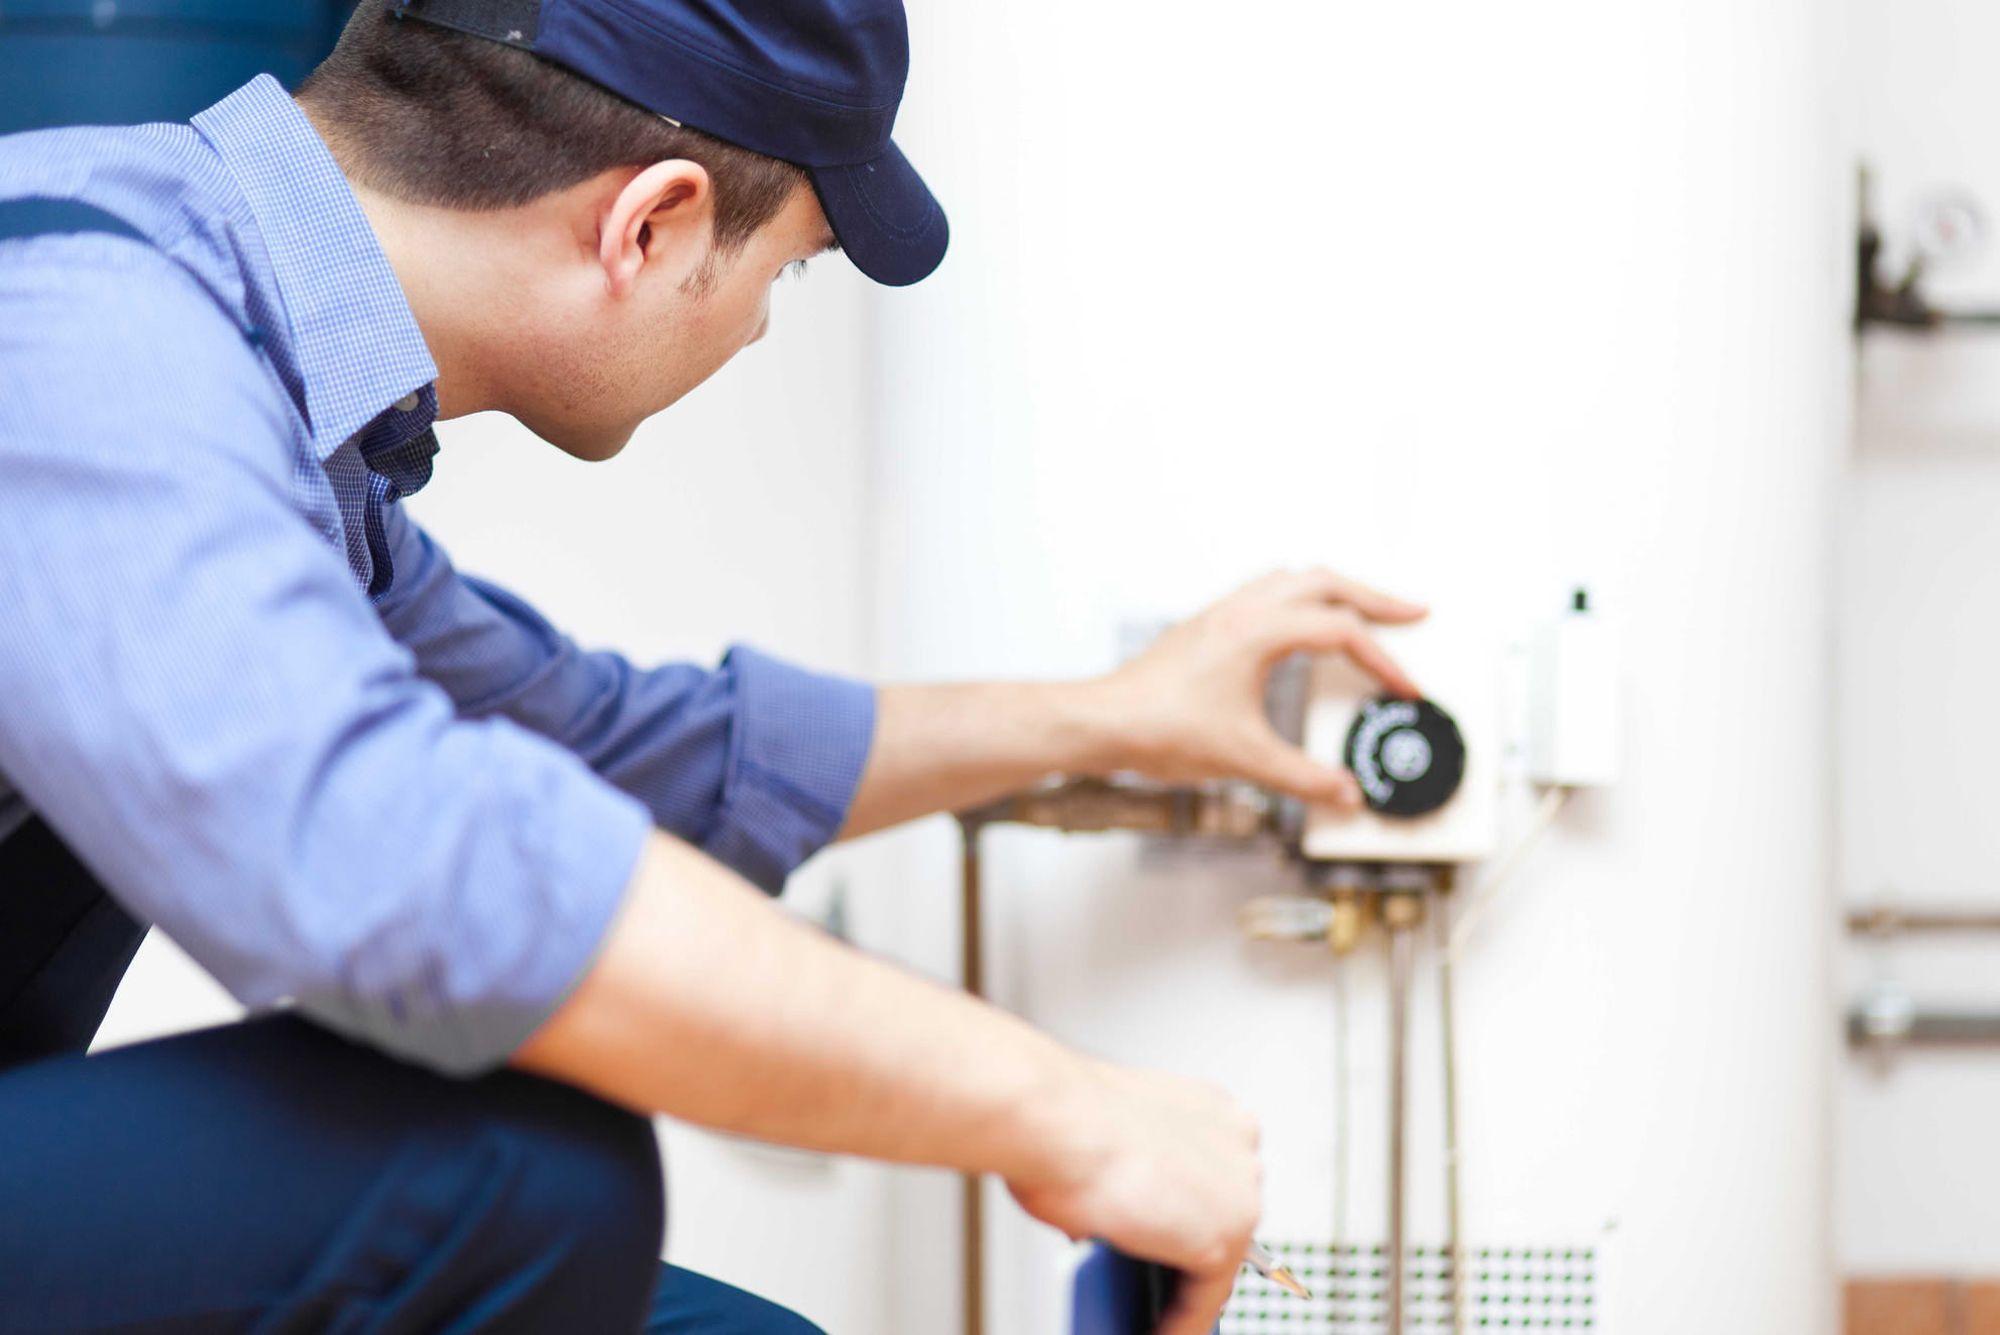 Plombier qui travaille sur un chauffe-eau | Plombier | Plomberie Lafleur | Montréal